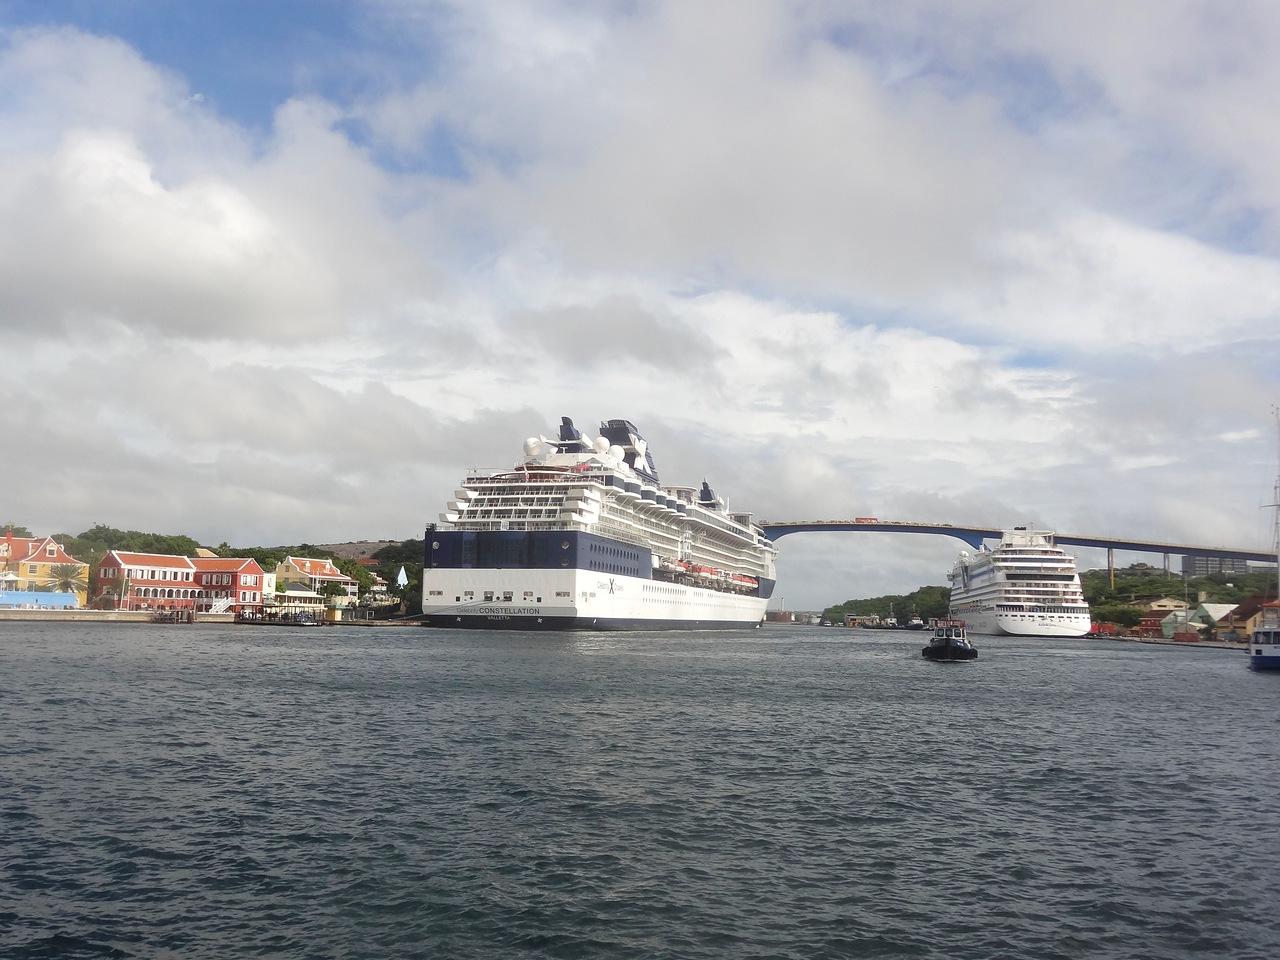 Curacao Island PJ2/W9NJY DX News